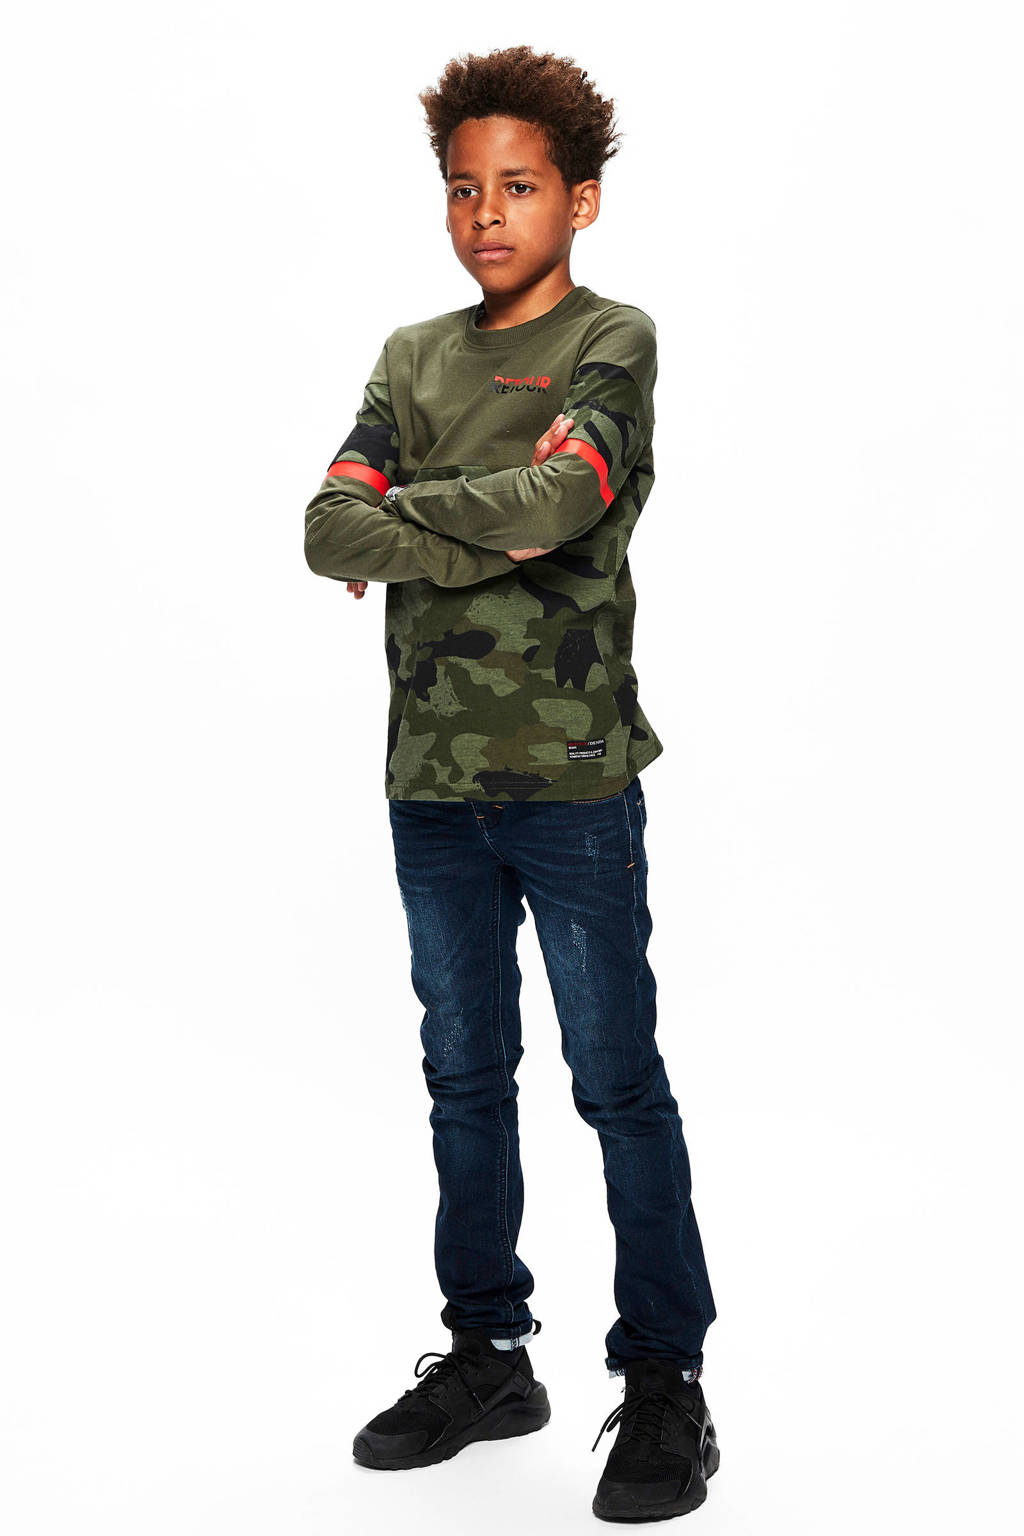 Retour Denim longsleeve Dennis met camouflageprint army groen/rood, Army groen/rood